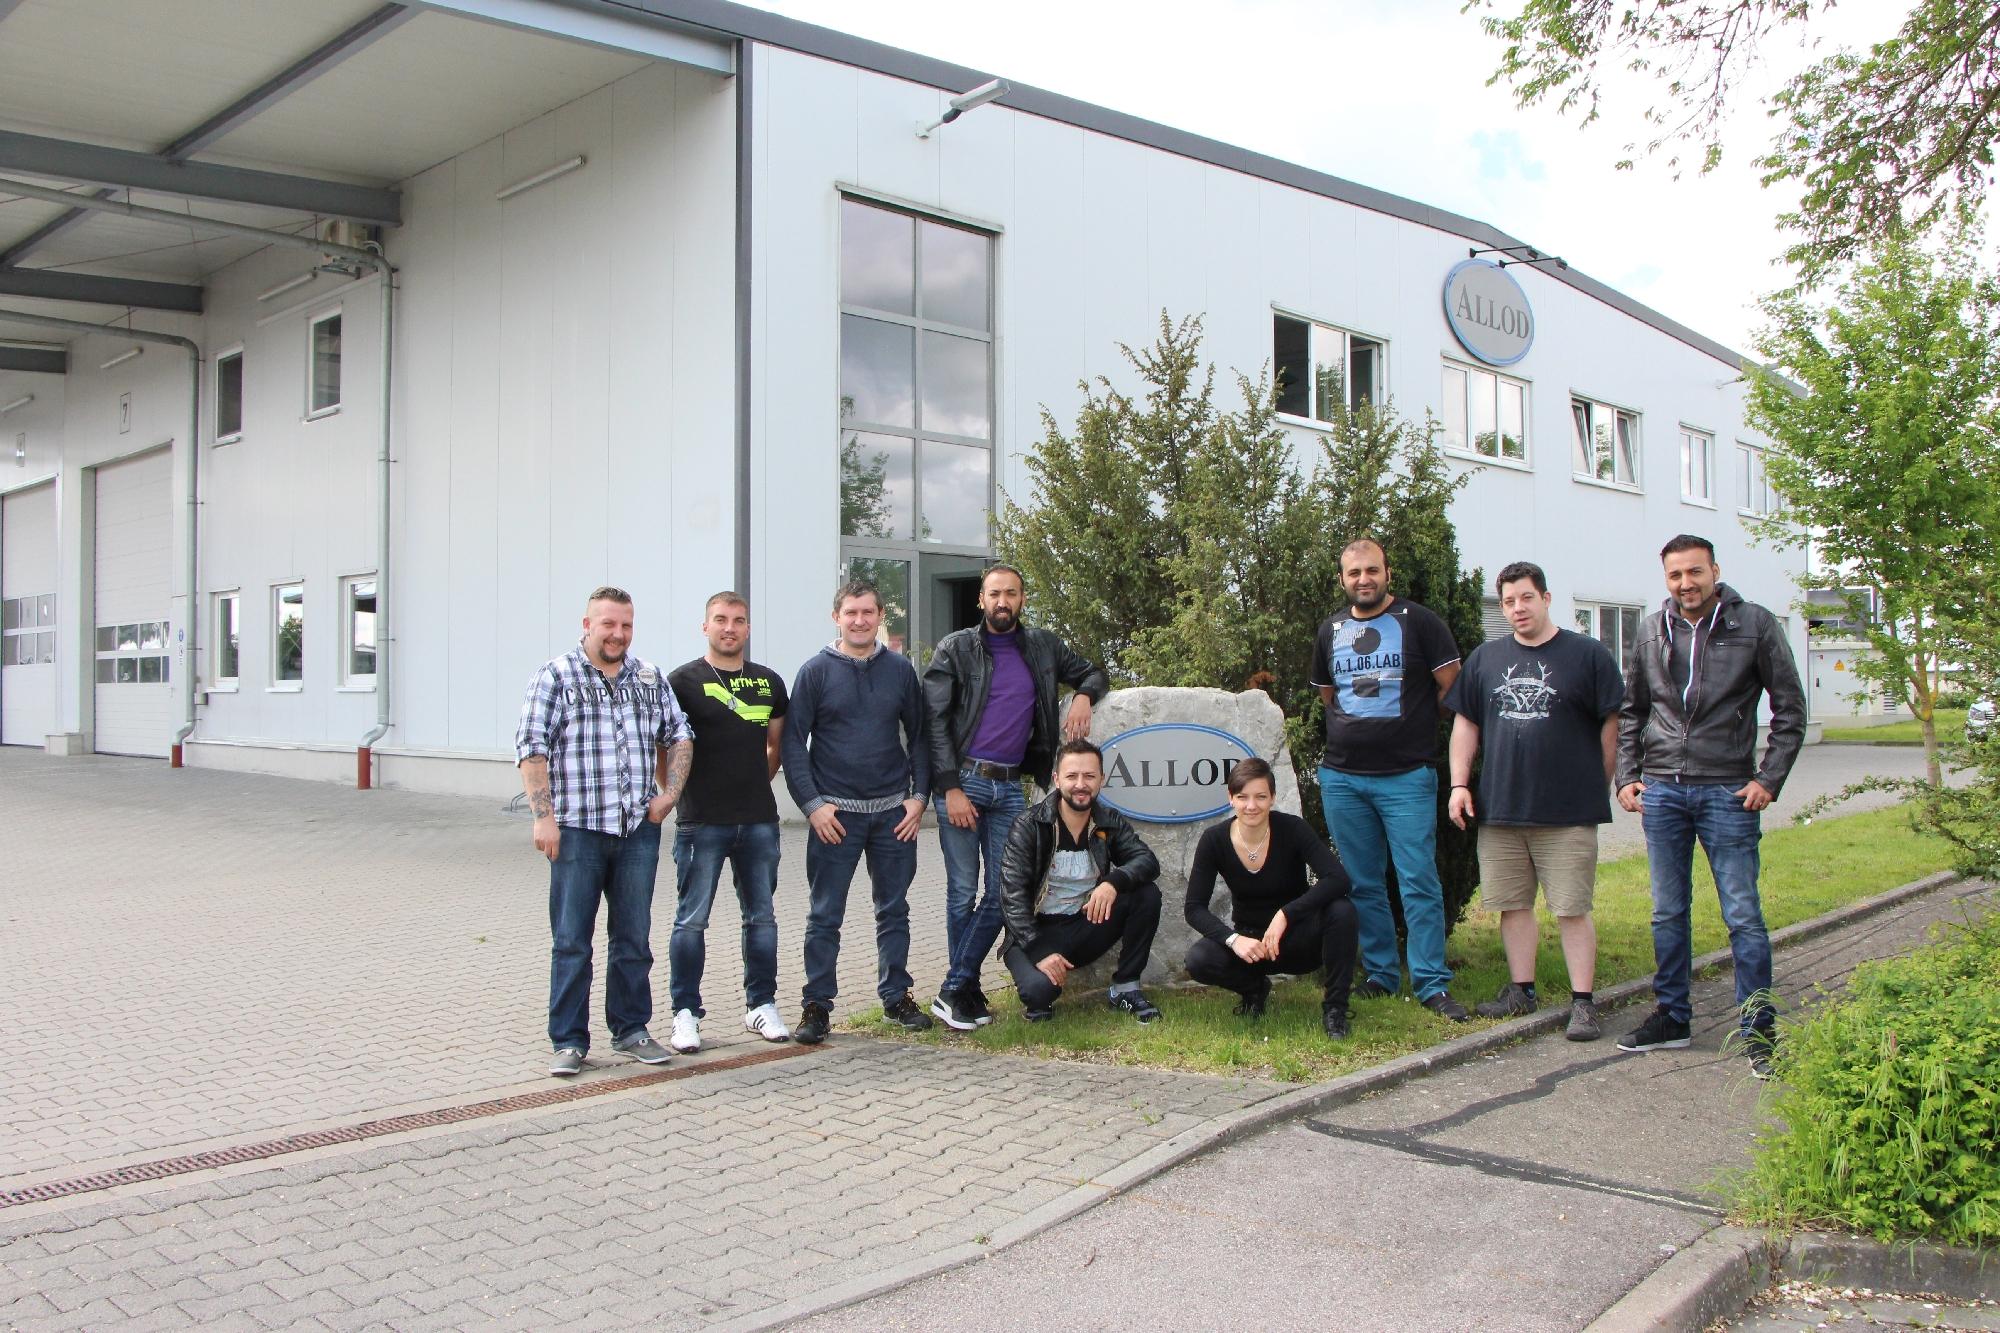 Geprüfte Fachkraft Spritzgieß-Produktion: Seminar Werkstoffe bei Fa. Allod Werkstoff GmbH & Co.KG in Burgbernheim, Mai 2017